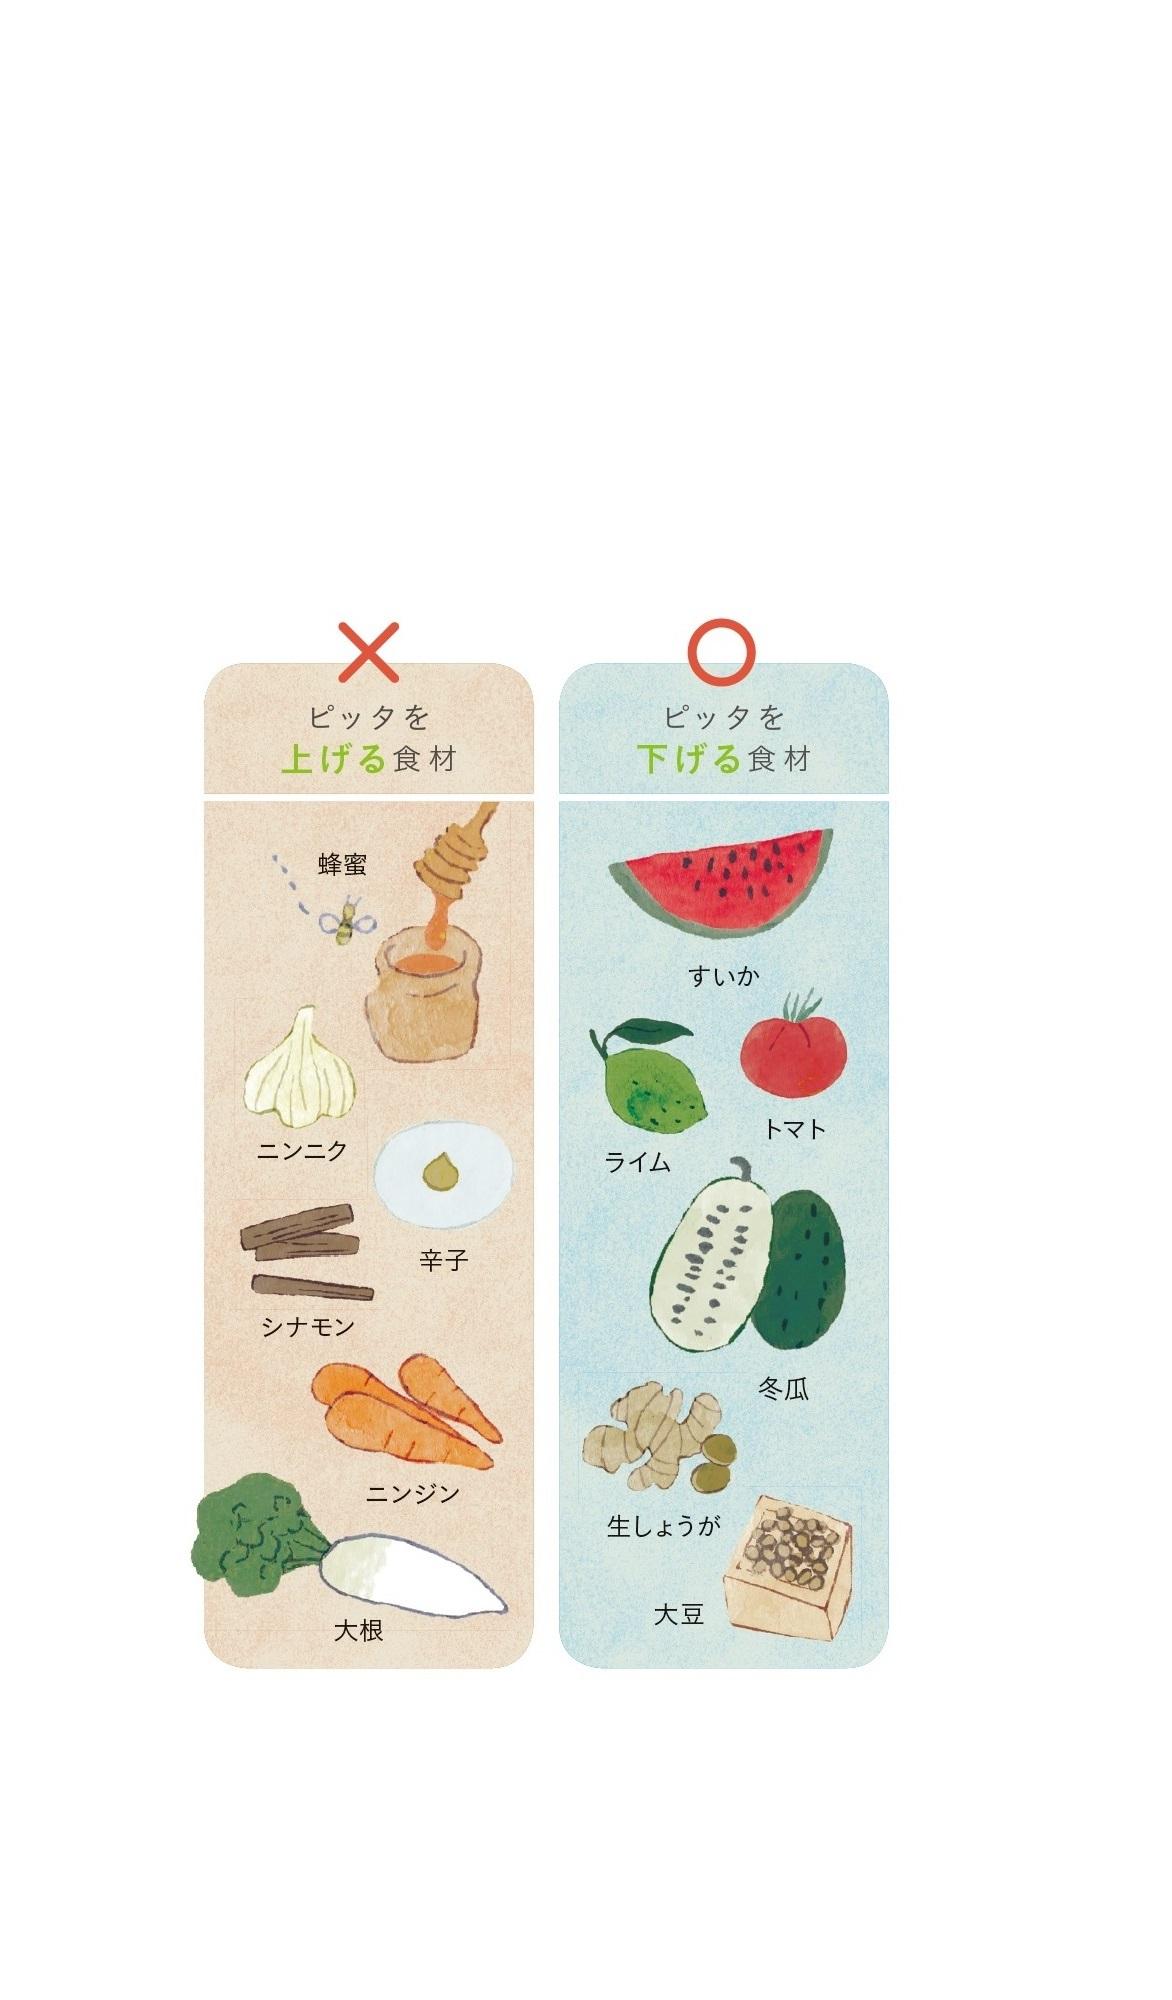 食べ物 滋養 強壮